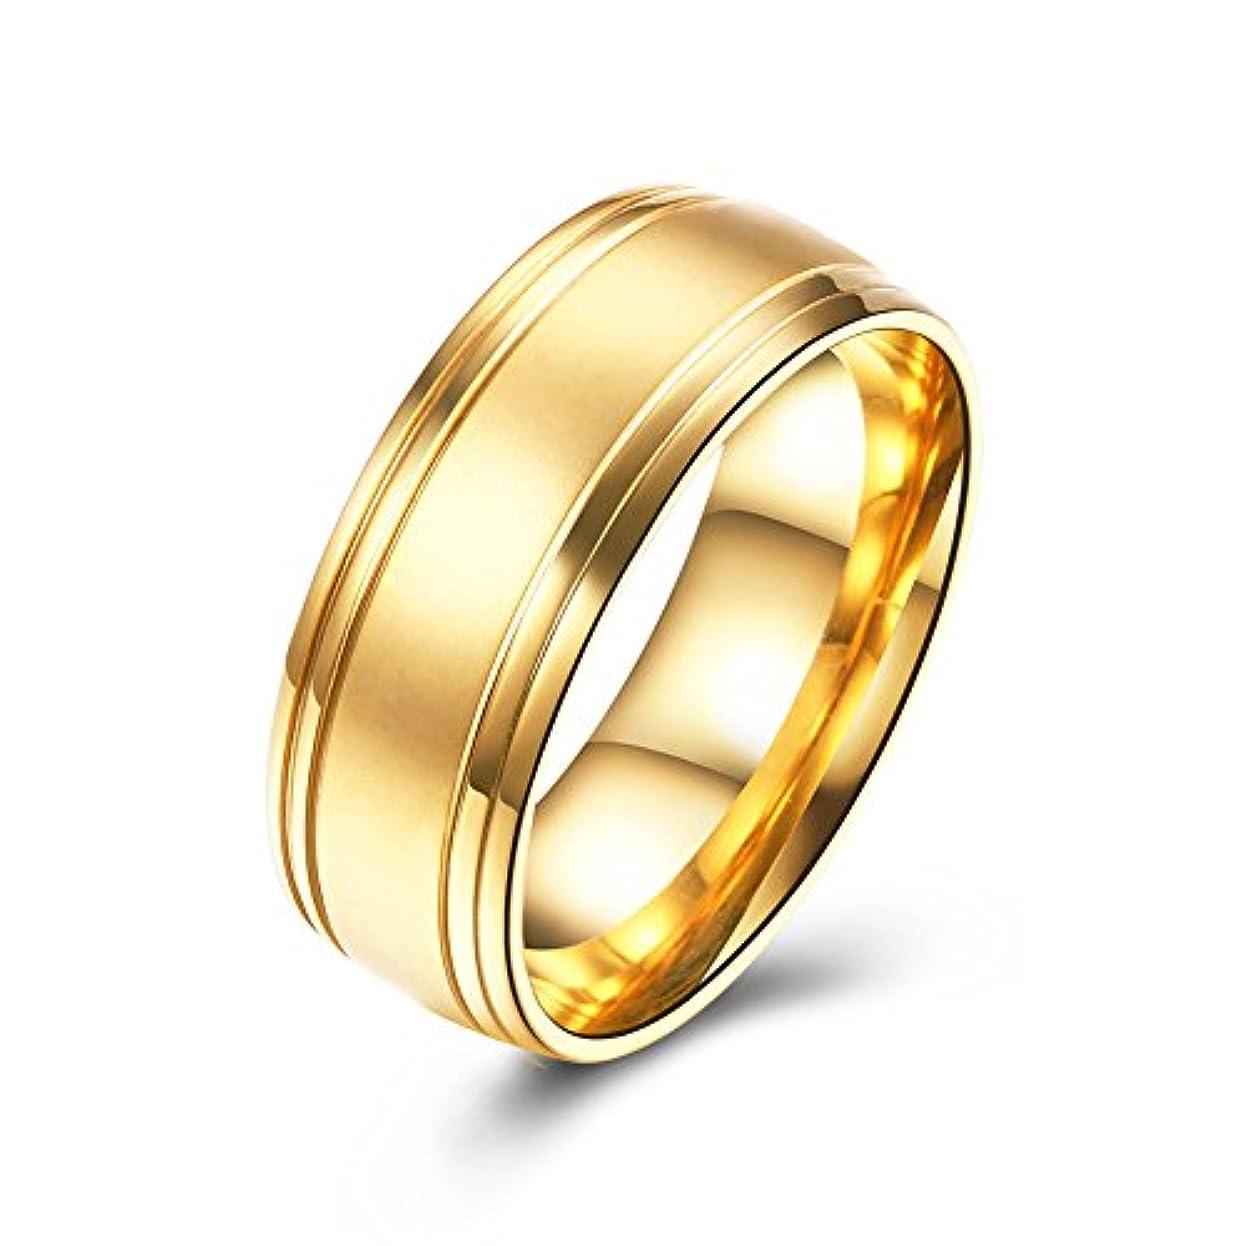 わかりやすいピストンお嬢流行アクセサリー バレンタインデーのカップルの指輪 ステンレススタンダードリング アレルギーを防ぐ 色あせない